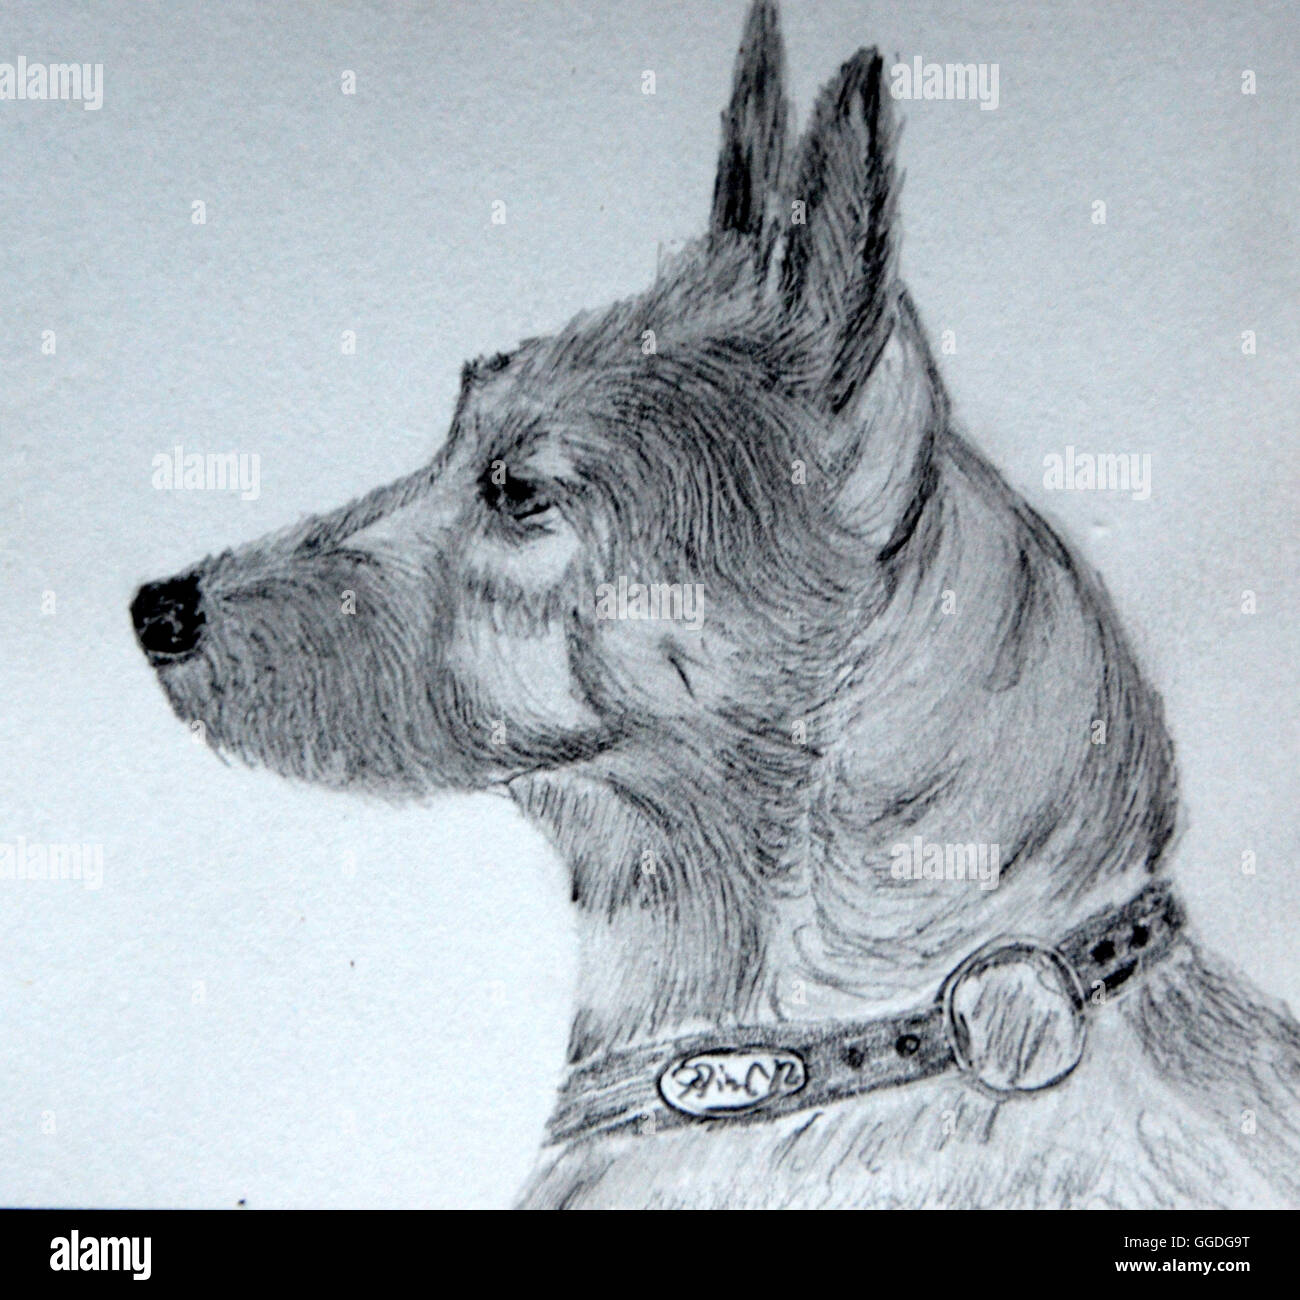 Dibujo A Lápiz Realizadas Por El Fotógrafo Una Mezcla De Perro De